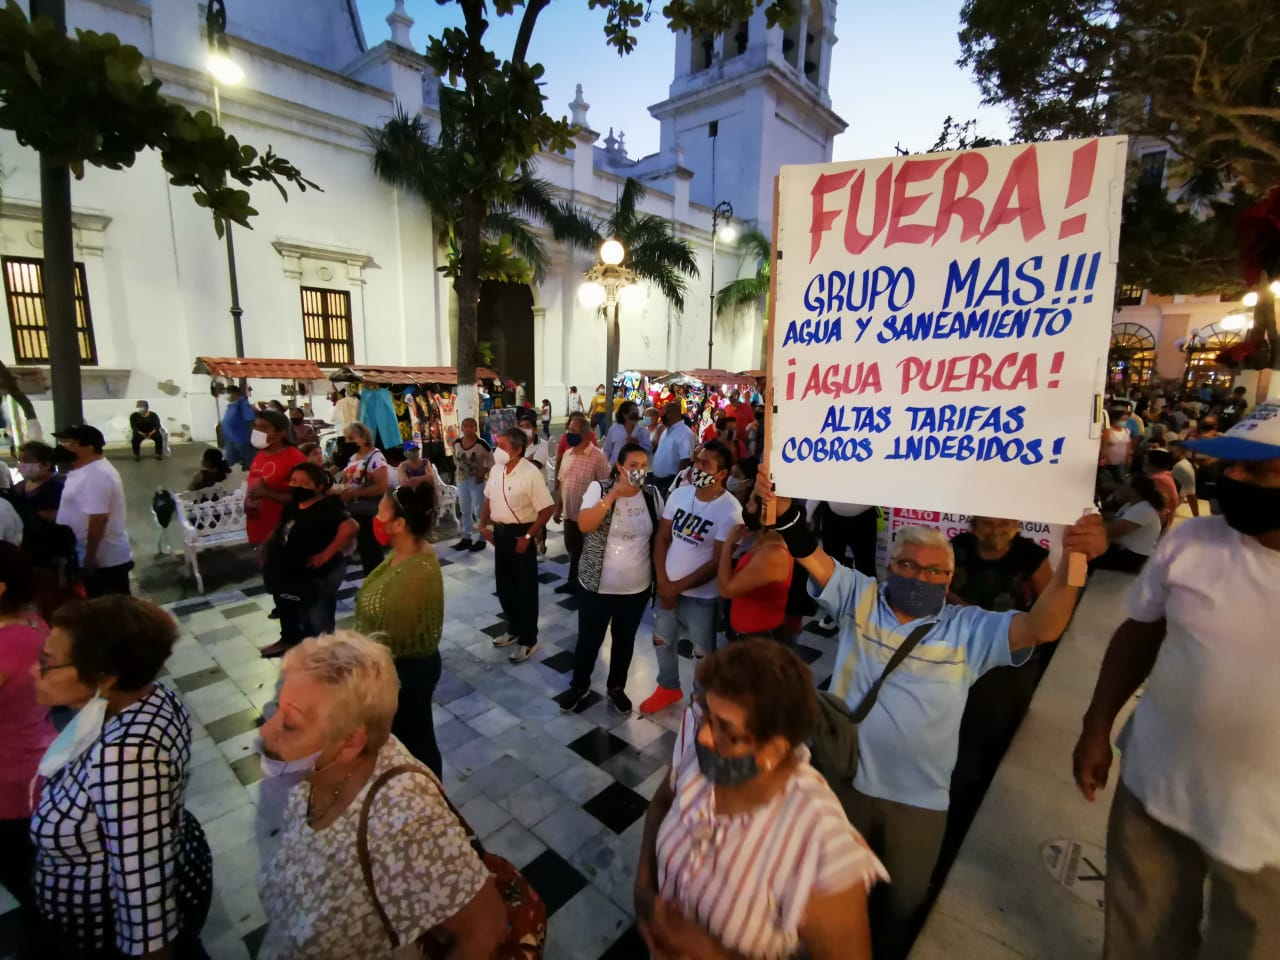 Ciudadanos porteños se manifiestan contra ayuntamiento de Veracruz, por problema de agua potable